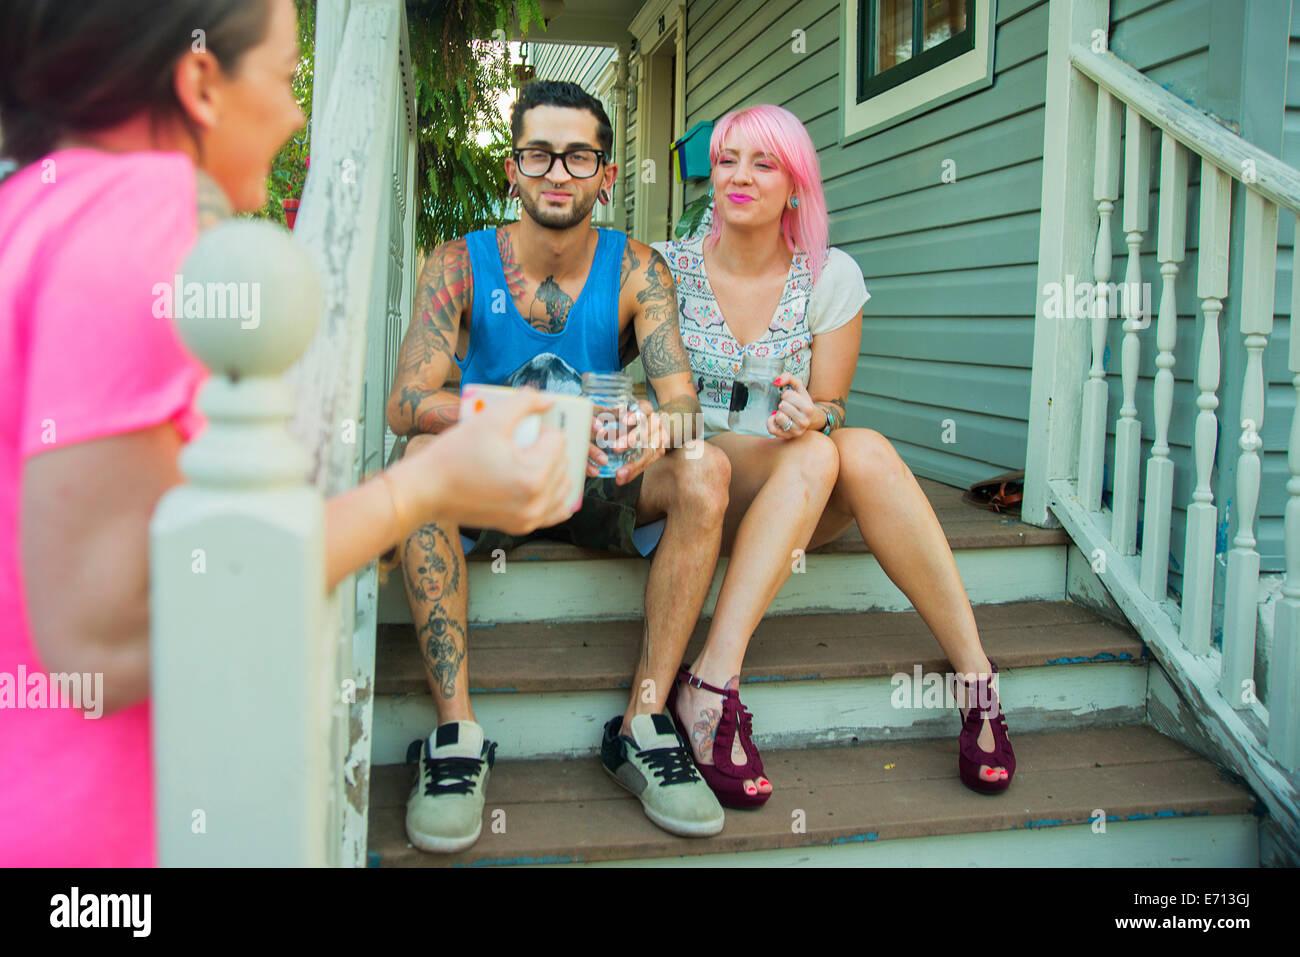 Junge Erwachsene Freunde im Chat vor der Veranda Schritte Stockbild